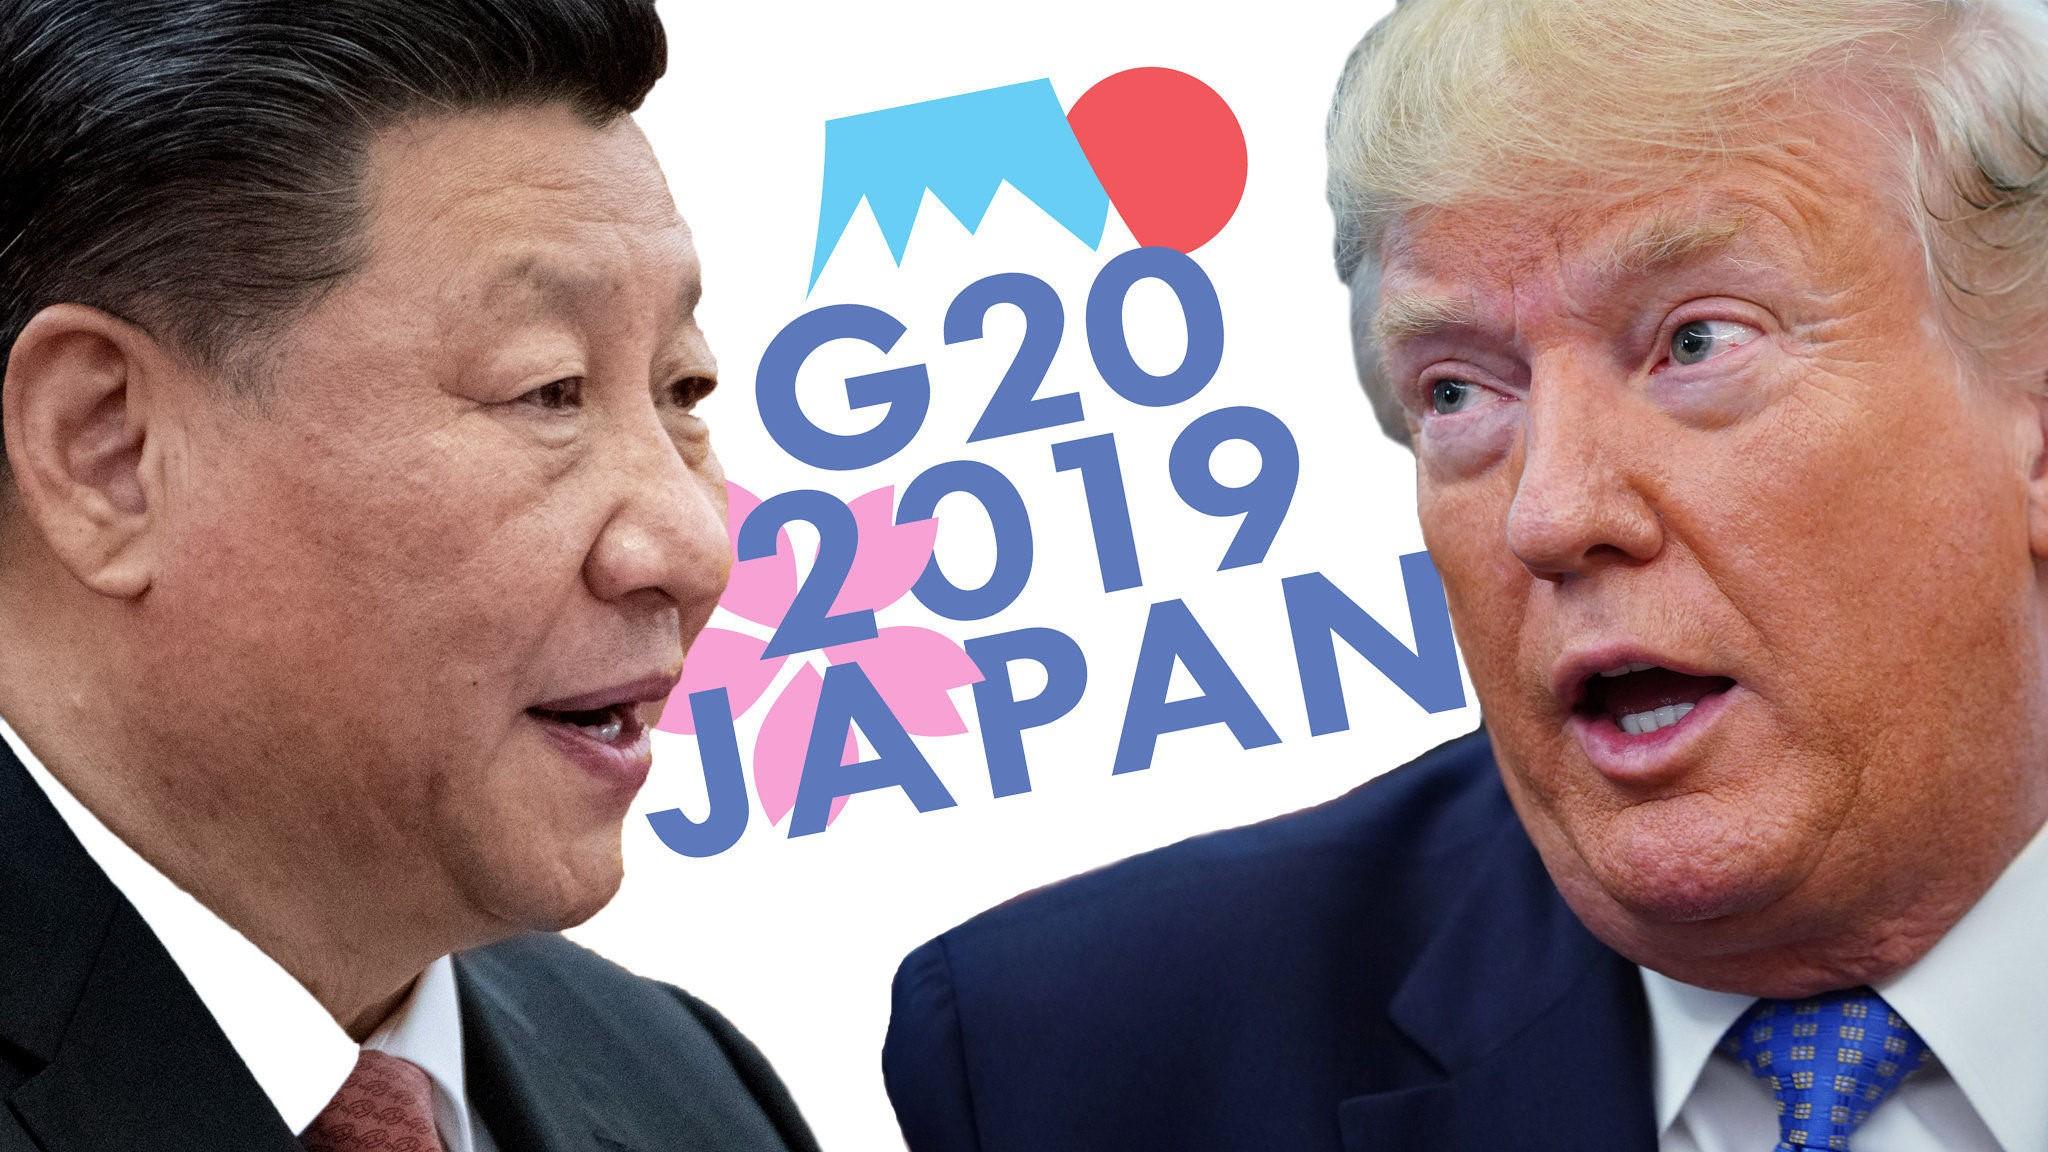 """di Luca Marfé """"G"""" come """"gruppo"""", ma anche """"g"""" come """"guerra"""". I 20 grandi del mondo si danno appuntamento ad Osaka, le prime linee dei giganti si preparano all'incontro-scontro di politica, diplomazia ed economia. I riflettori si accendono su Donald Trump, gli Stati Uniti dettano, direttamente e indirettamente, un'agenda fatta di dazi, di Medio Oriente e di Oriente Estremo. Prima ancora di mettere piede sul suolo giapponese, dopo una breve sosta in Corea del Sud,"""